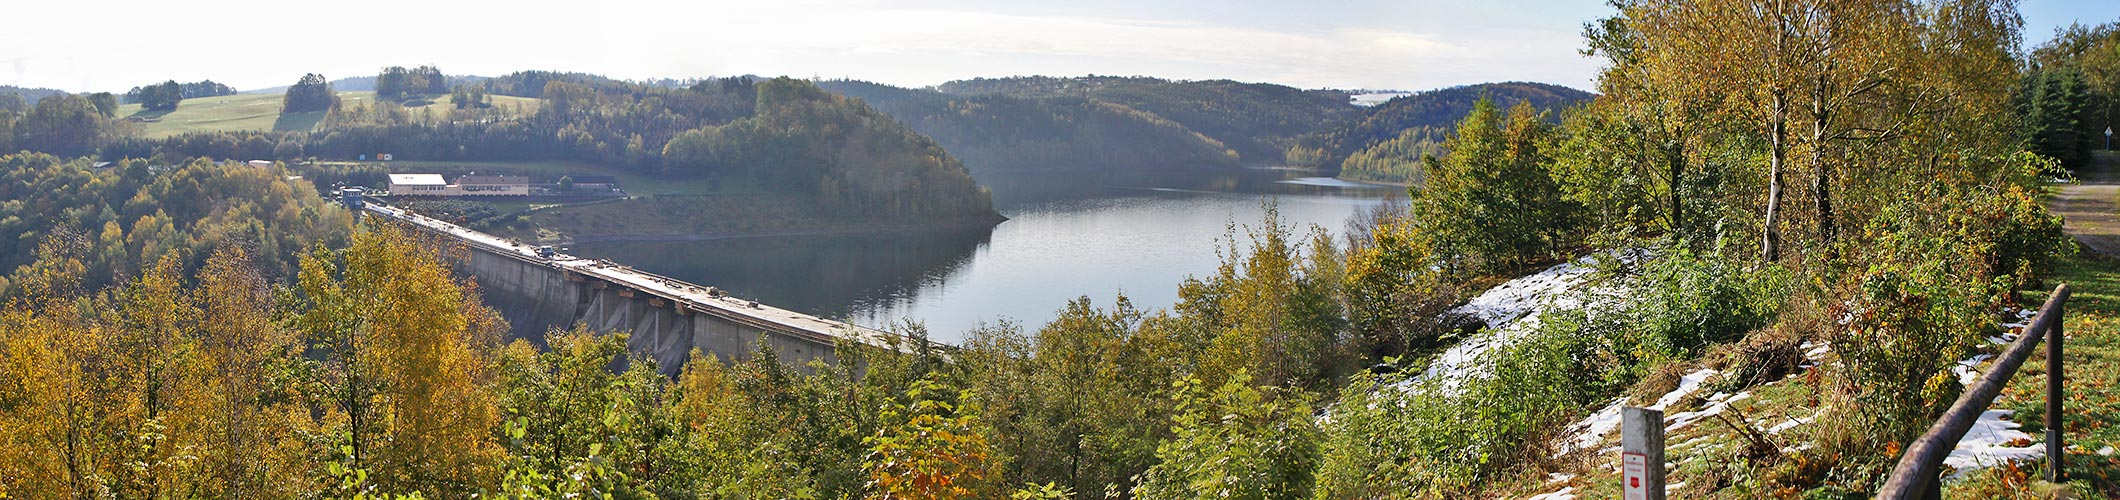 Talsperre Bad-Gottleuba im Osterzgebirge am 19.10. 09 im goldenen Herbst...